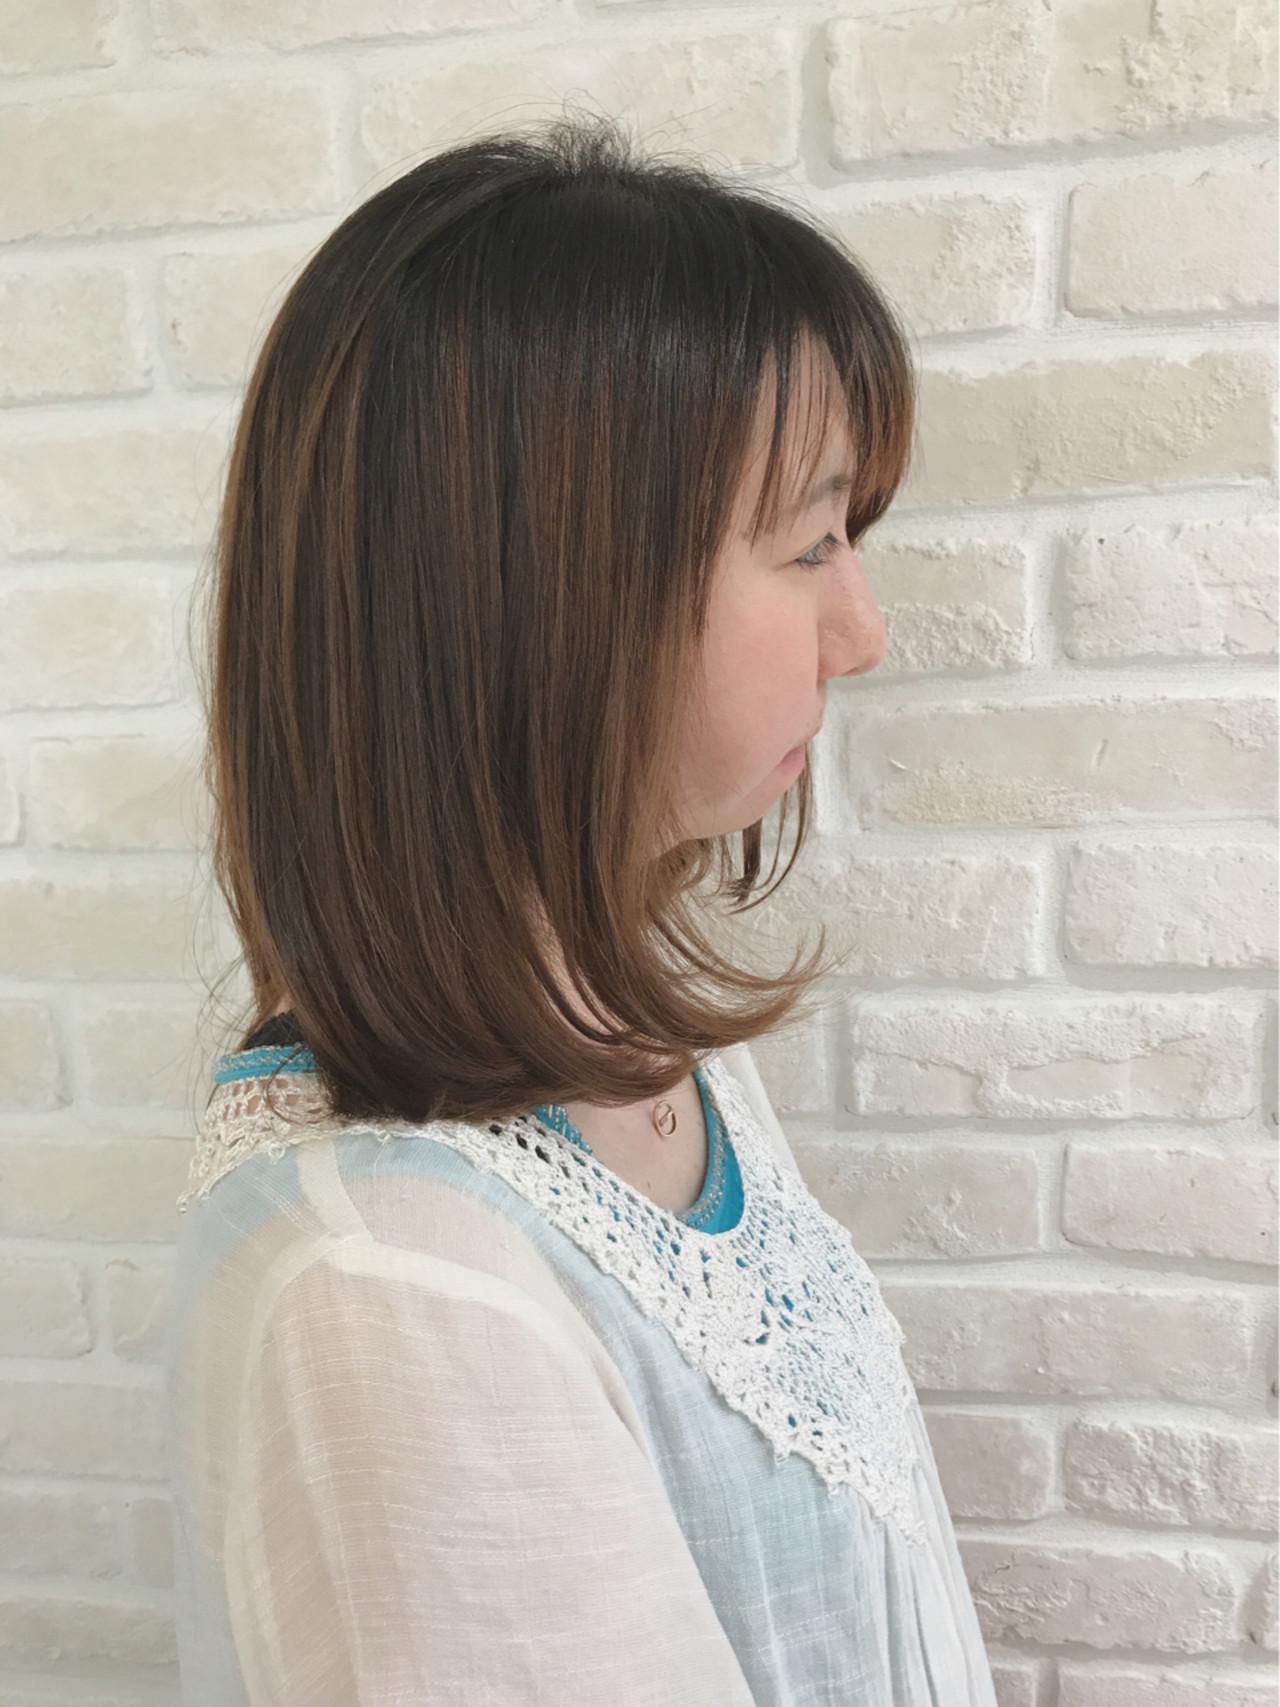 デート ボブ かわいい パーマ ヘアスタイルや髪型の写真・画像 | まりえ / 花やの前の美容室